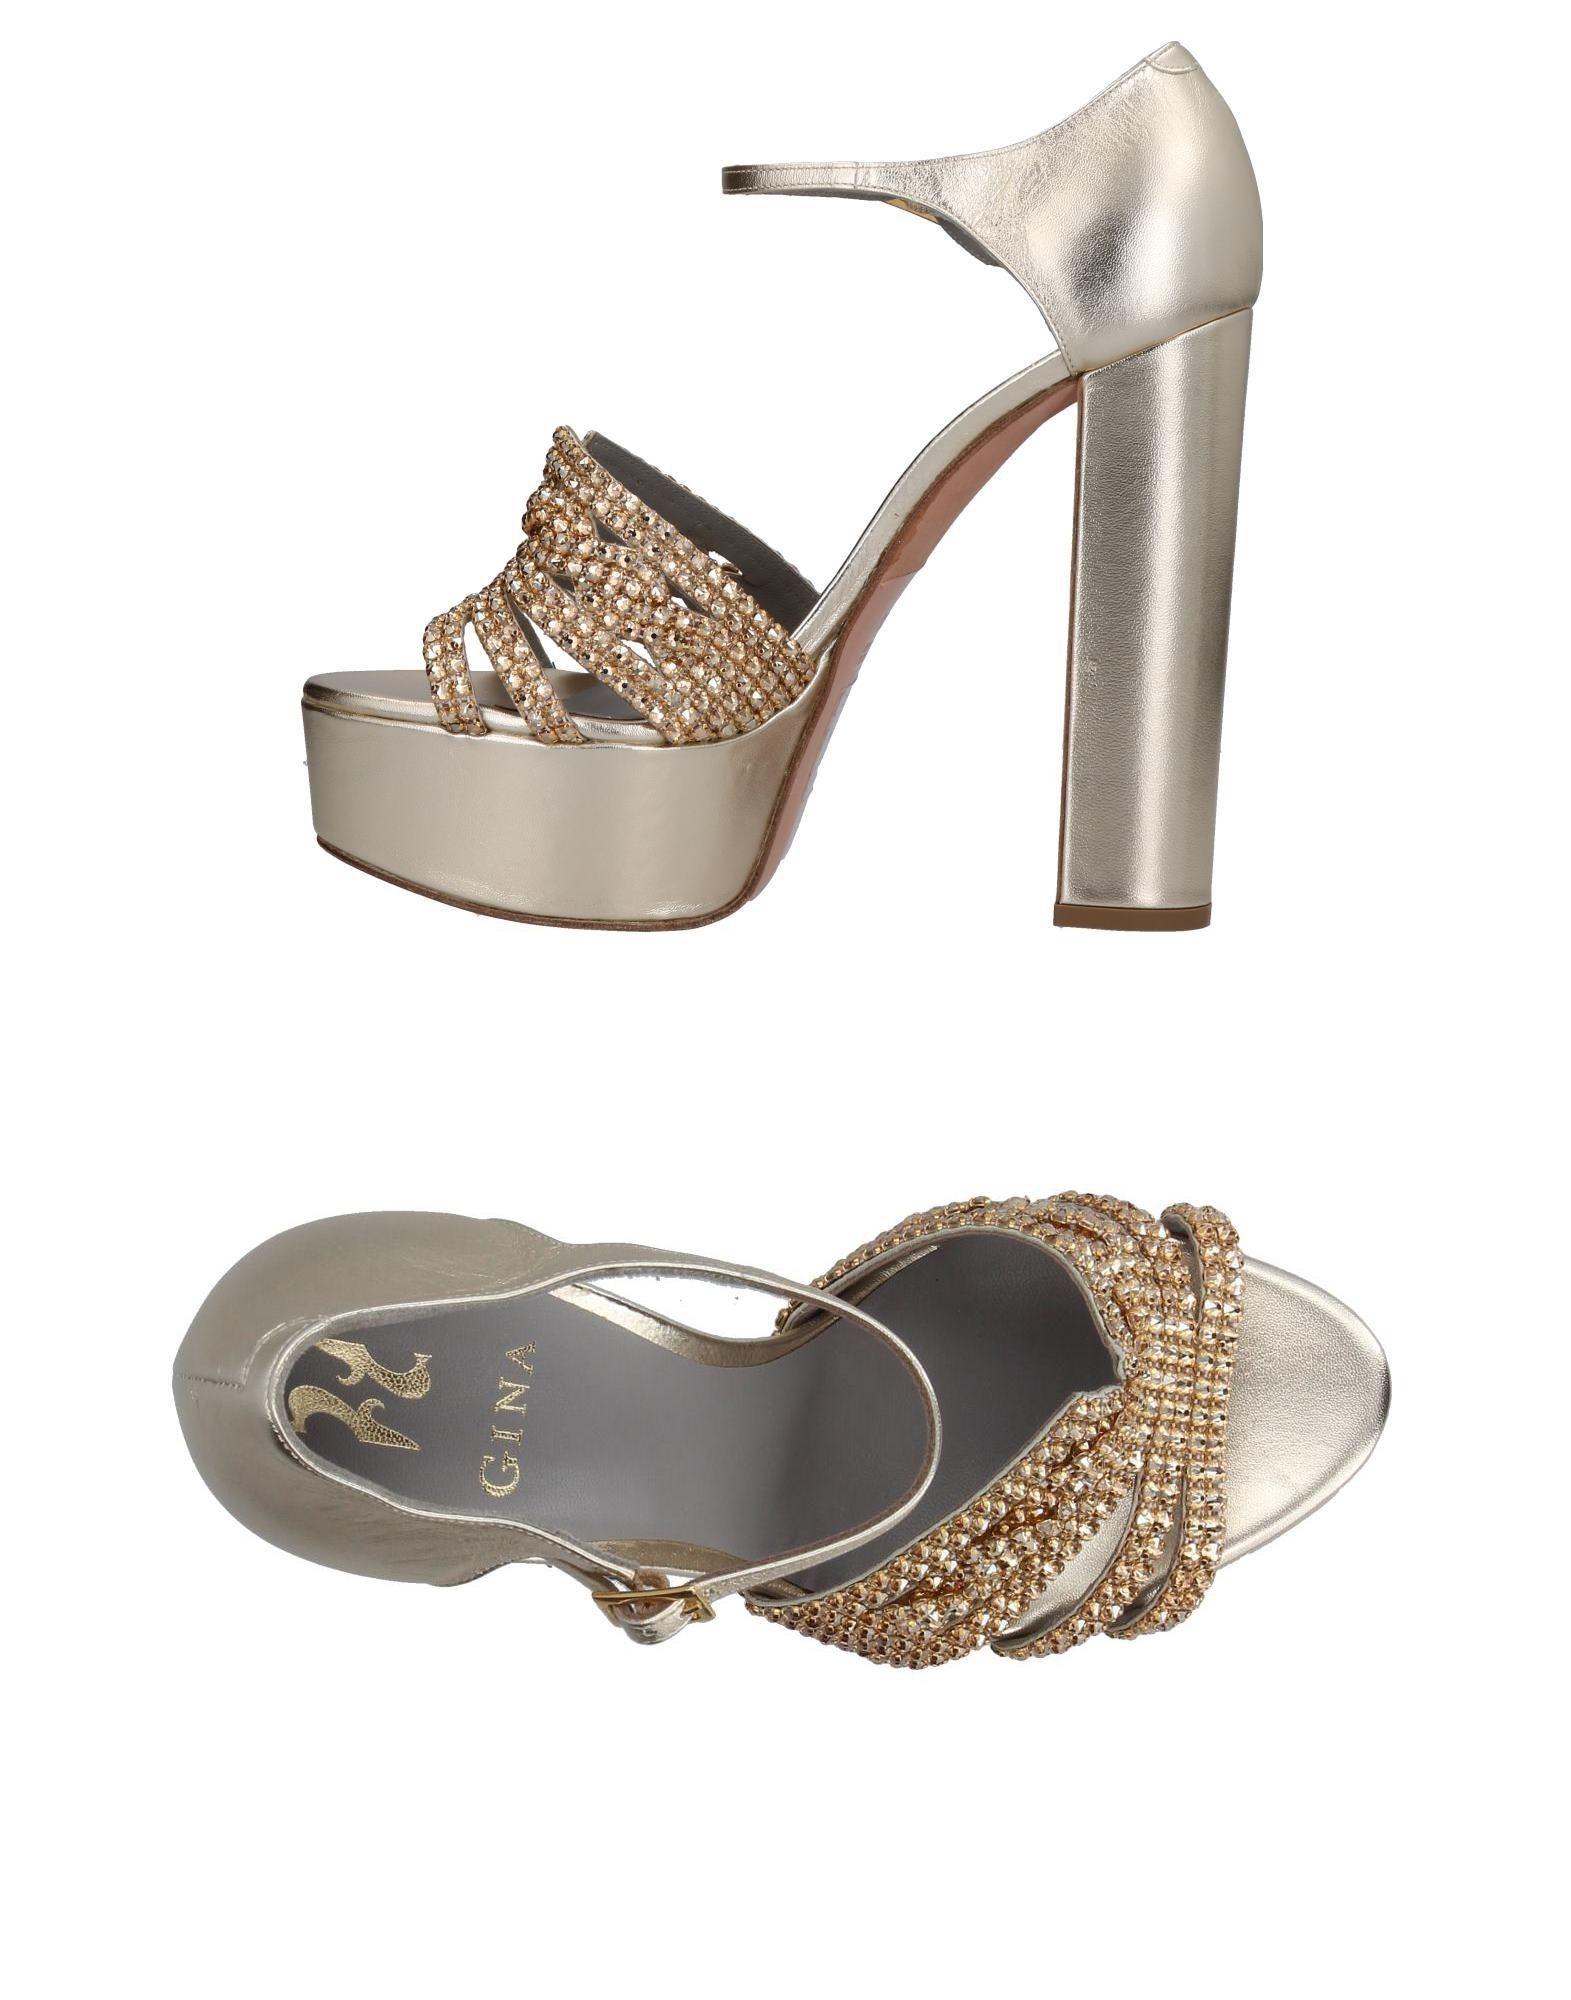 GINA Sandals in Platinum